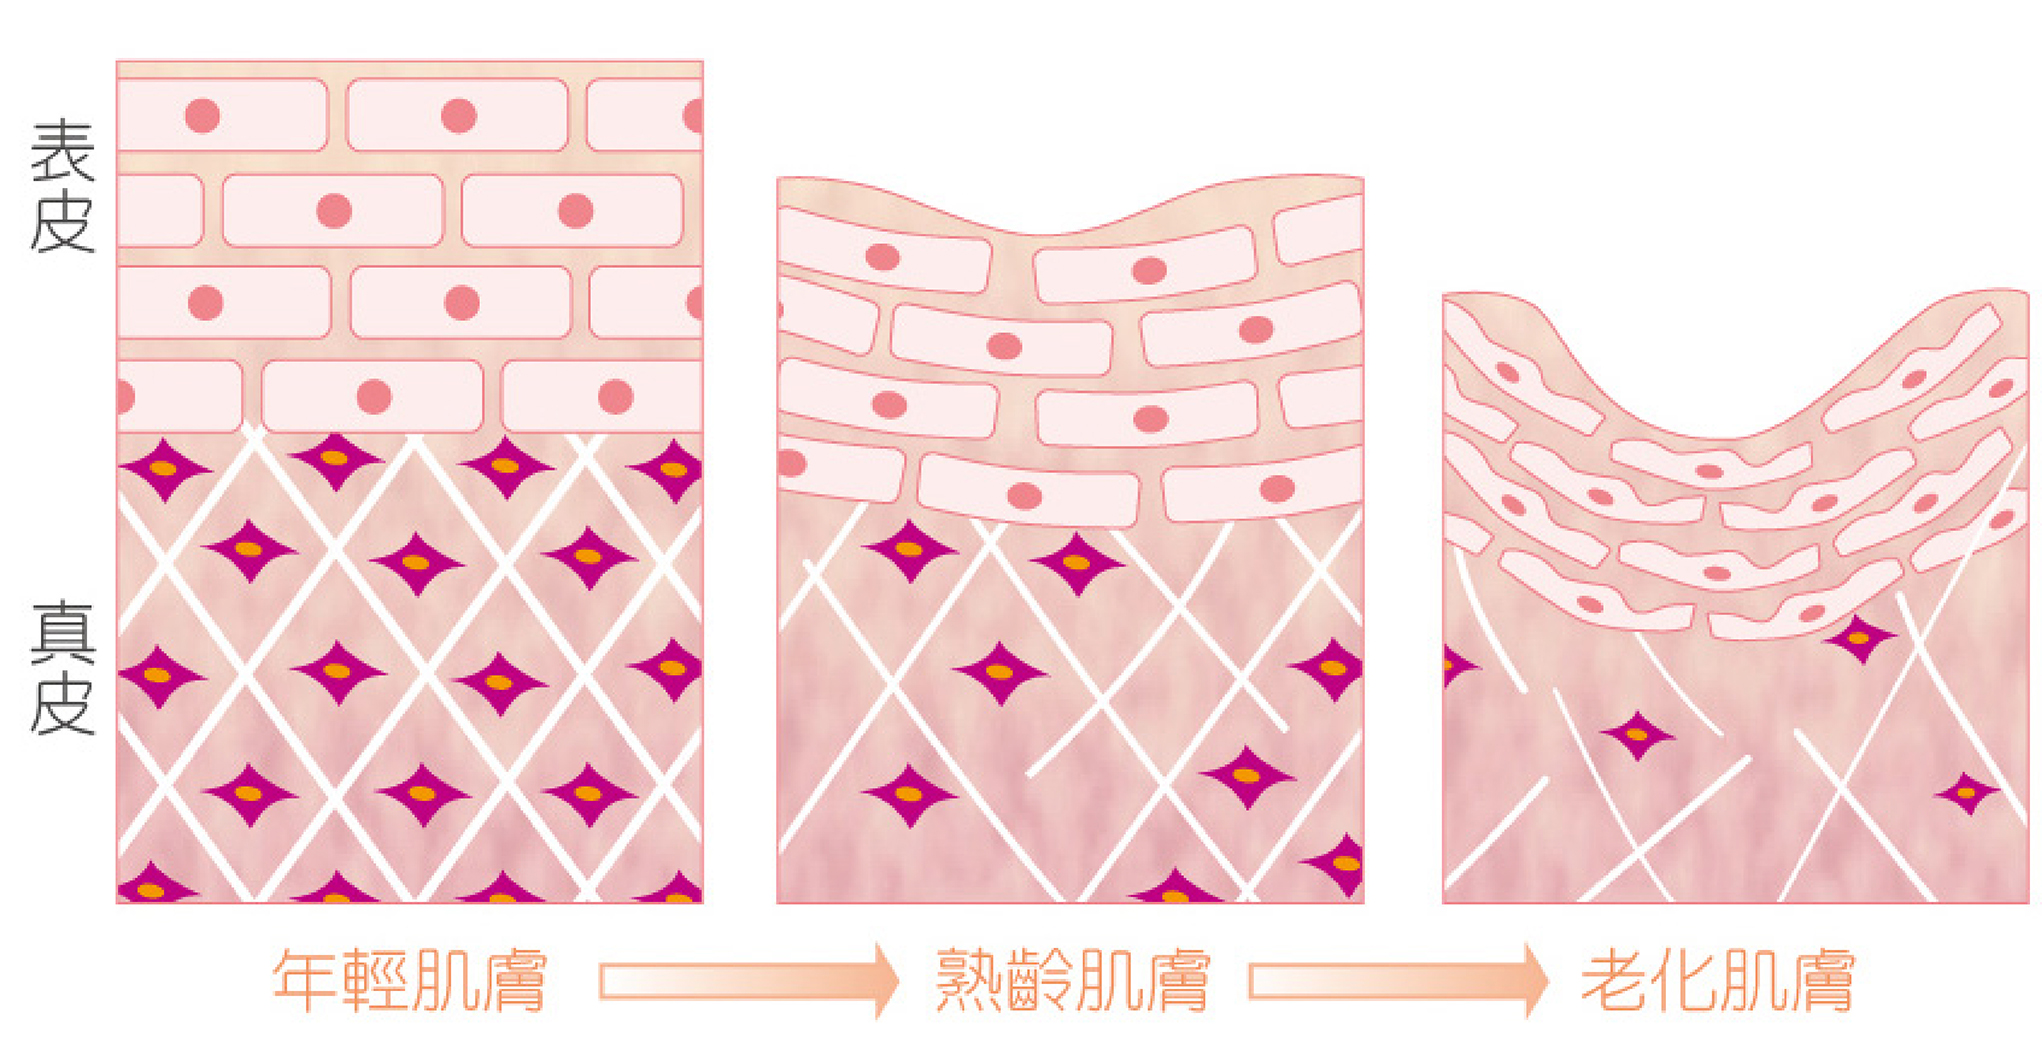 隨著年齡逐年增長,膠原蛋白開始無情的流失,肌膚進入老化階段。